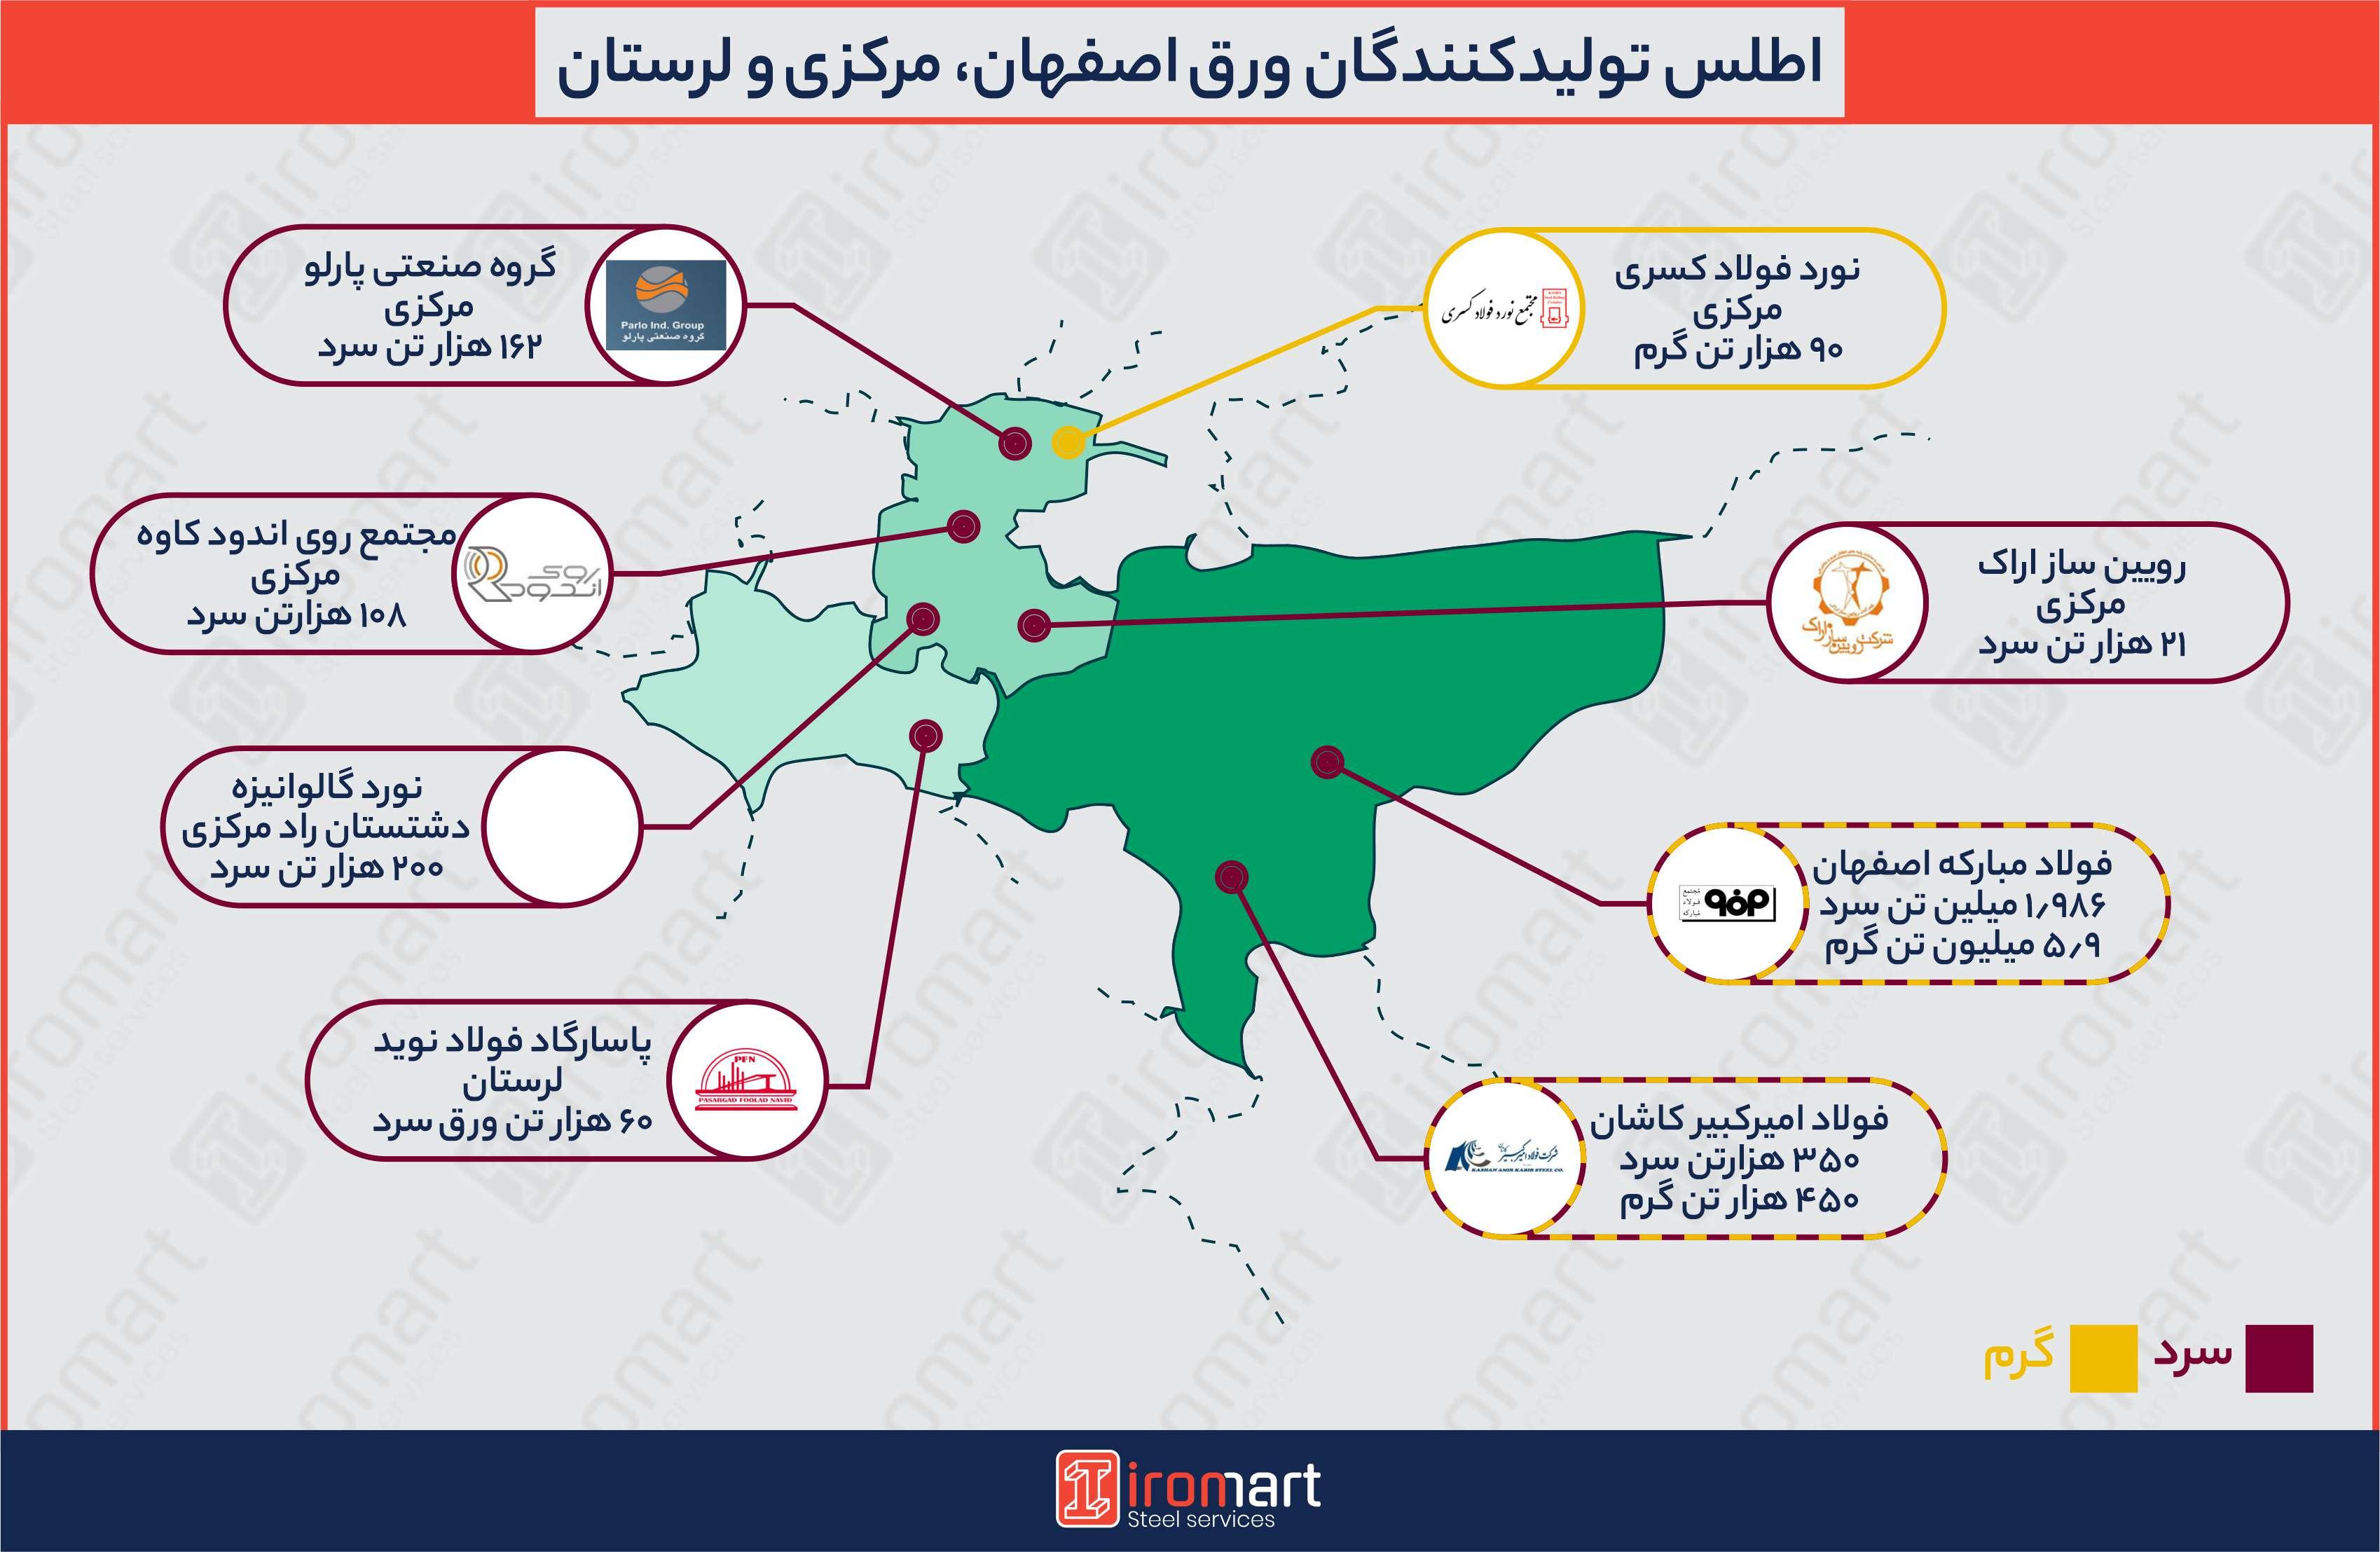 تولیدکنندگان ورق فولادی در مرکز ایران